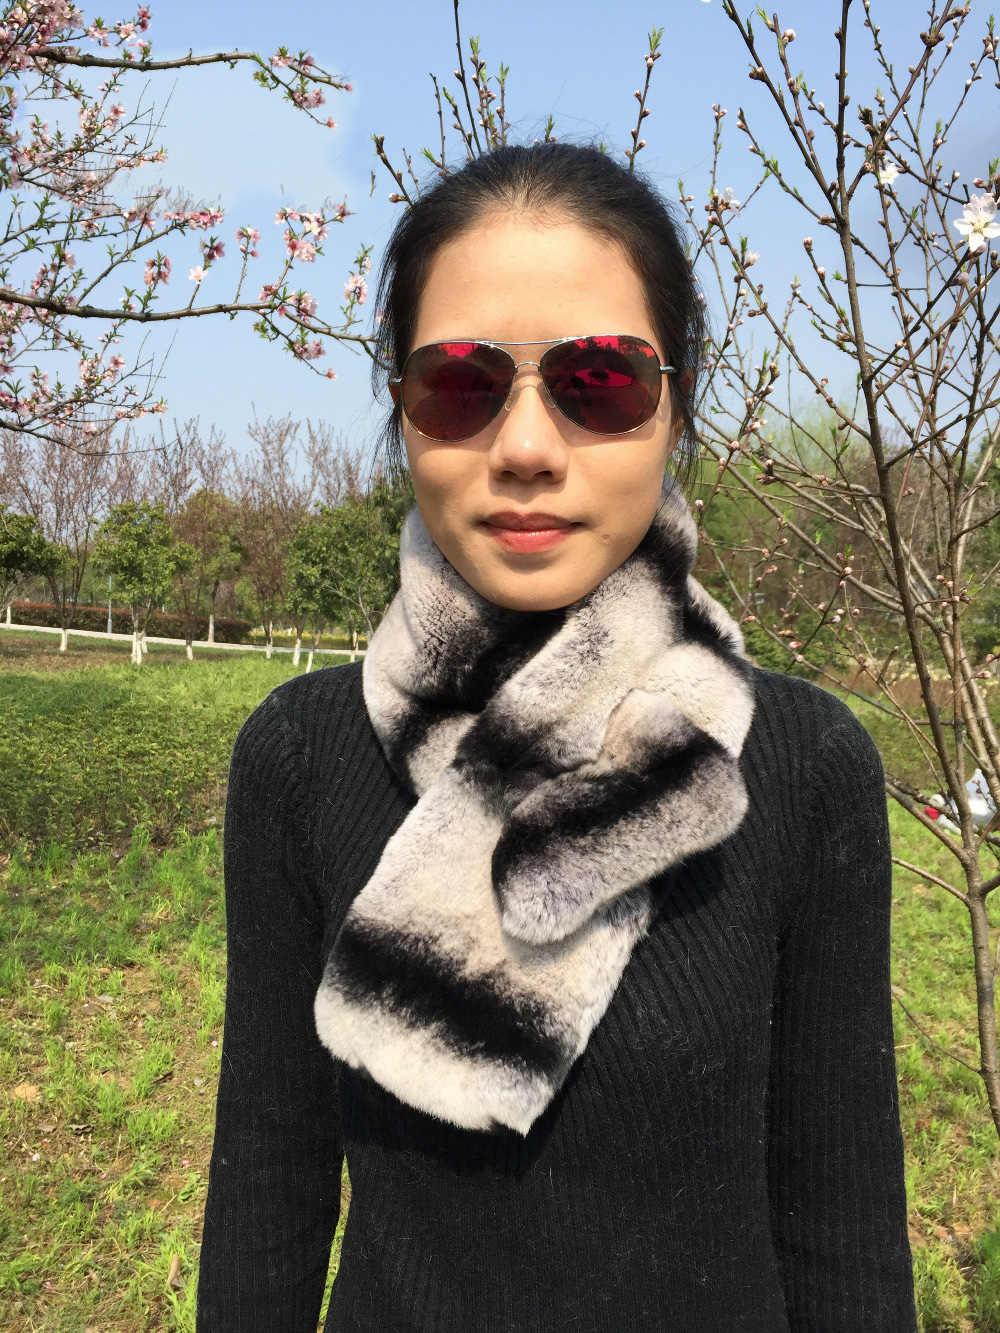 100% echt Rex Kaninchen Pelz Schal Männer Frauen Kinder Chinchilla grau gestreiften fell neckwarmer schal wrap luxus Ein Gesicht Pelz, benutzerdefinierte